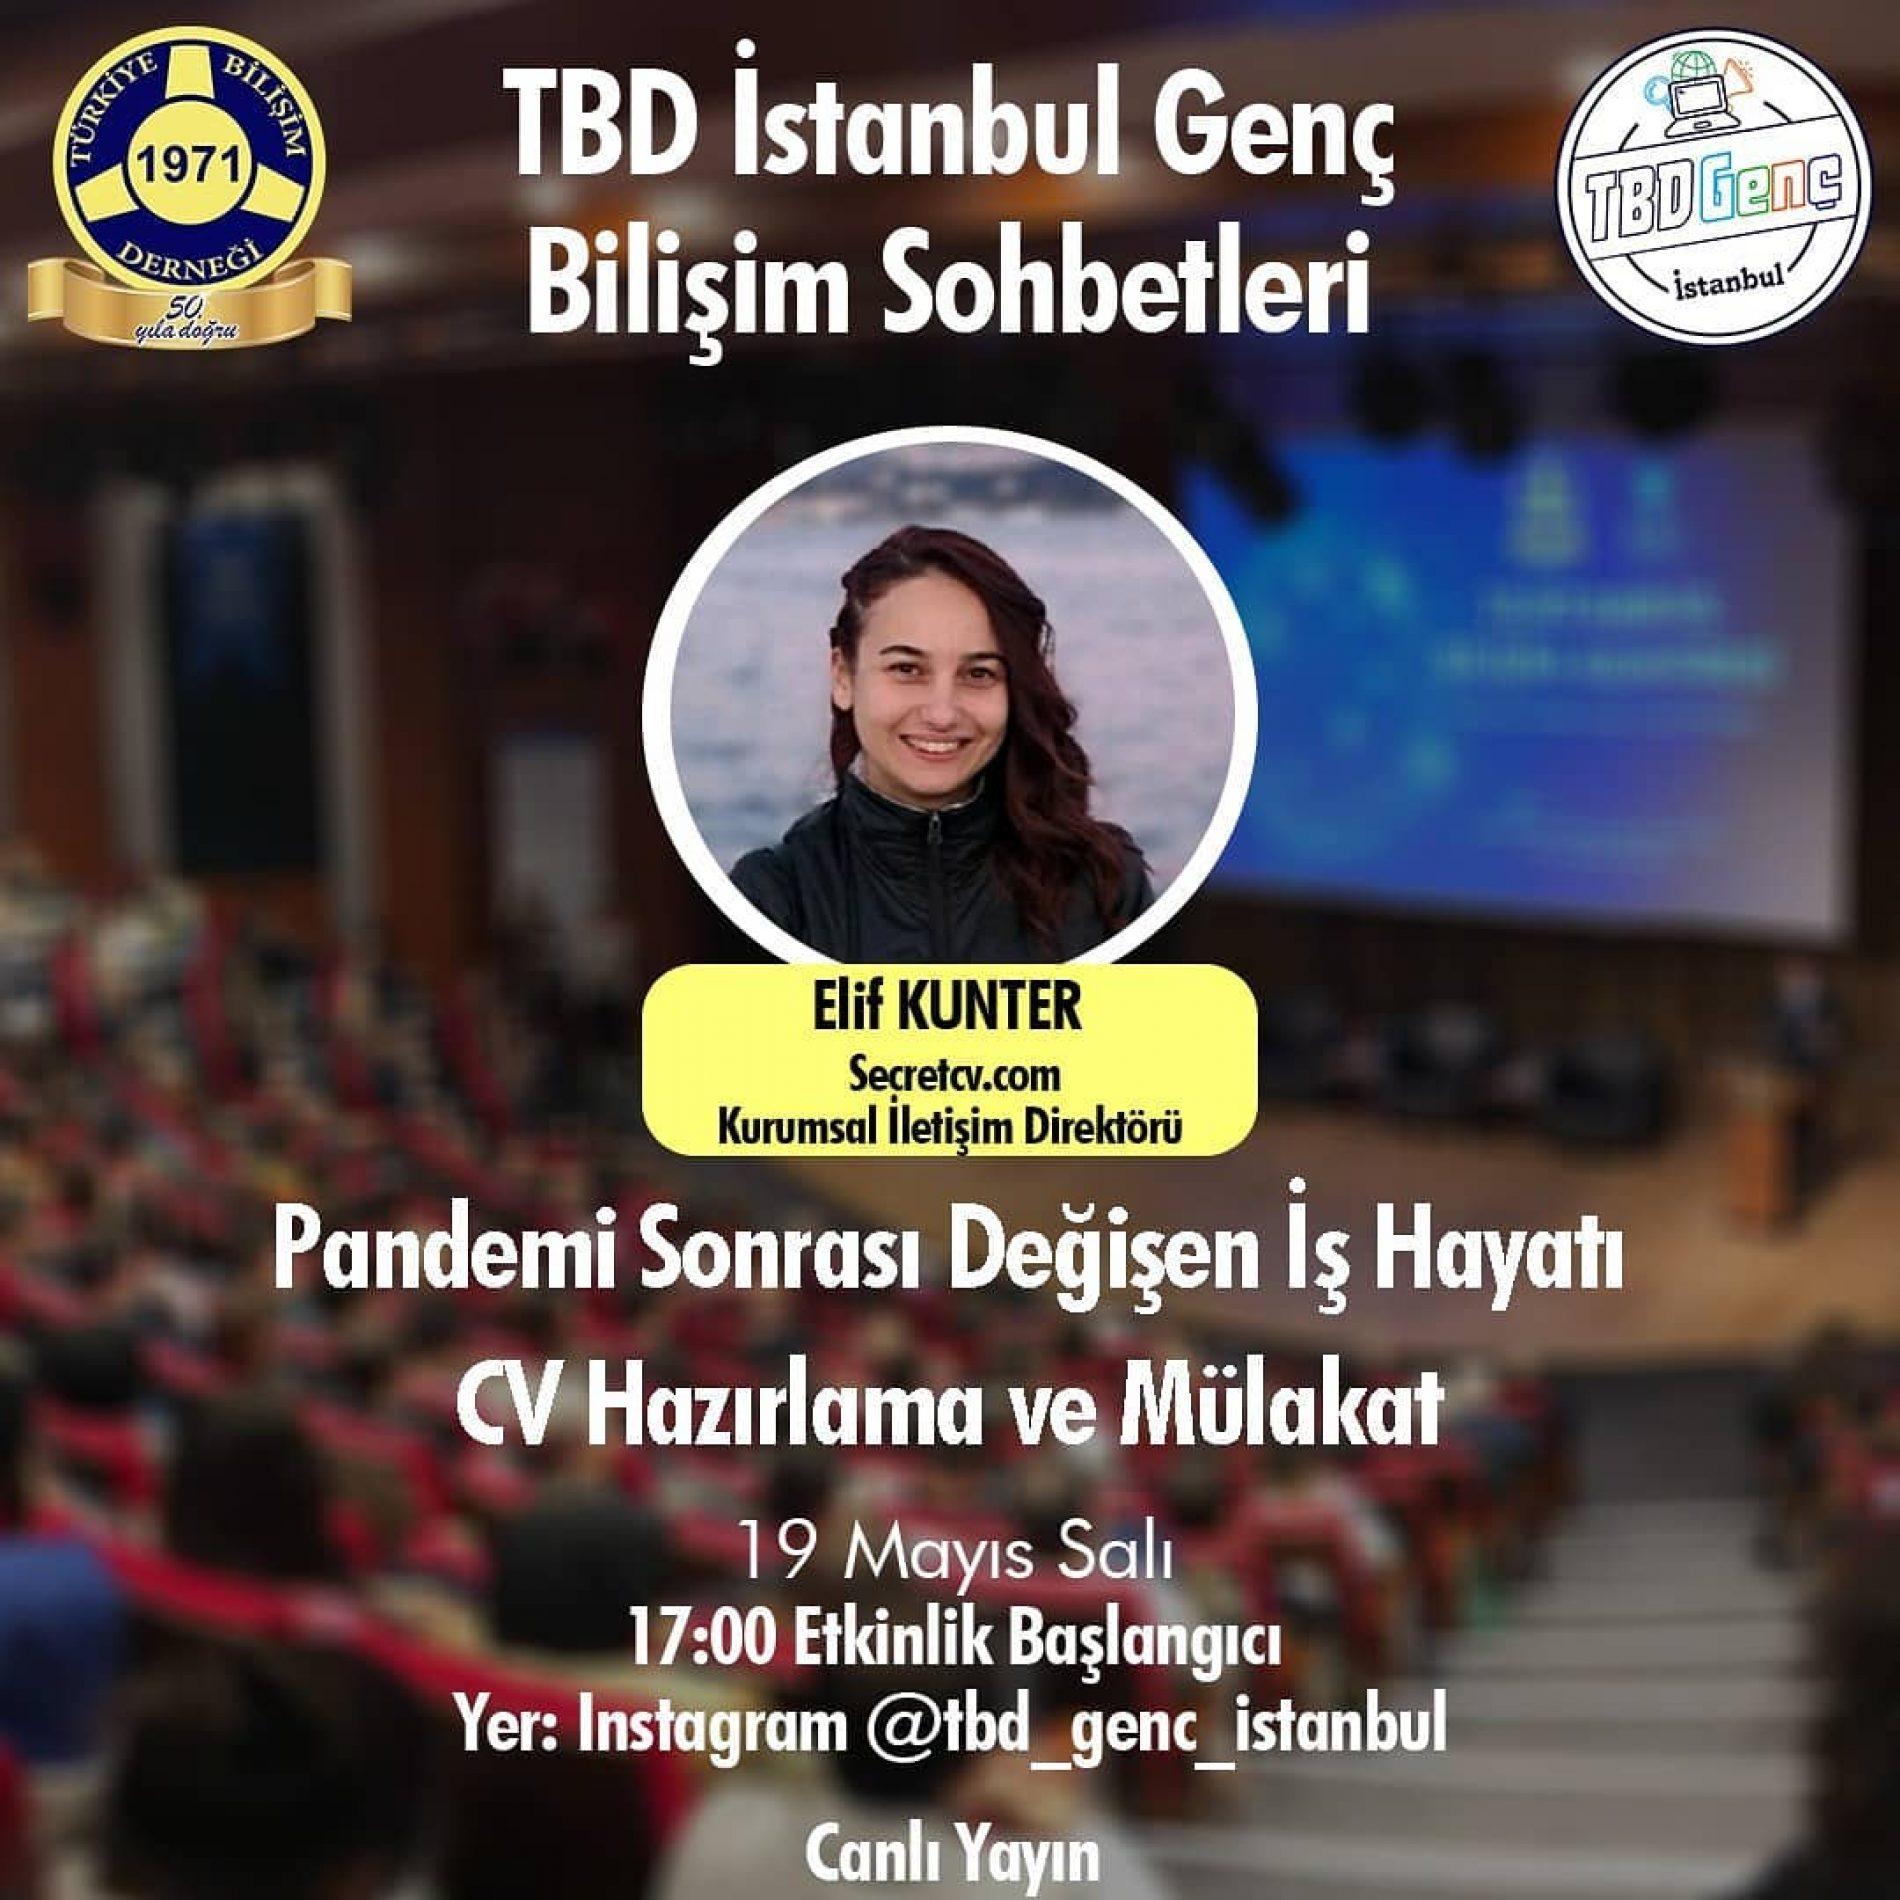 TBD Genç Bilişim Sohbetleri: Pandemi Sonrası Değişen İş Hayatı